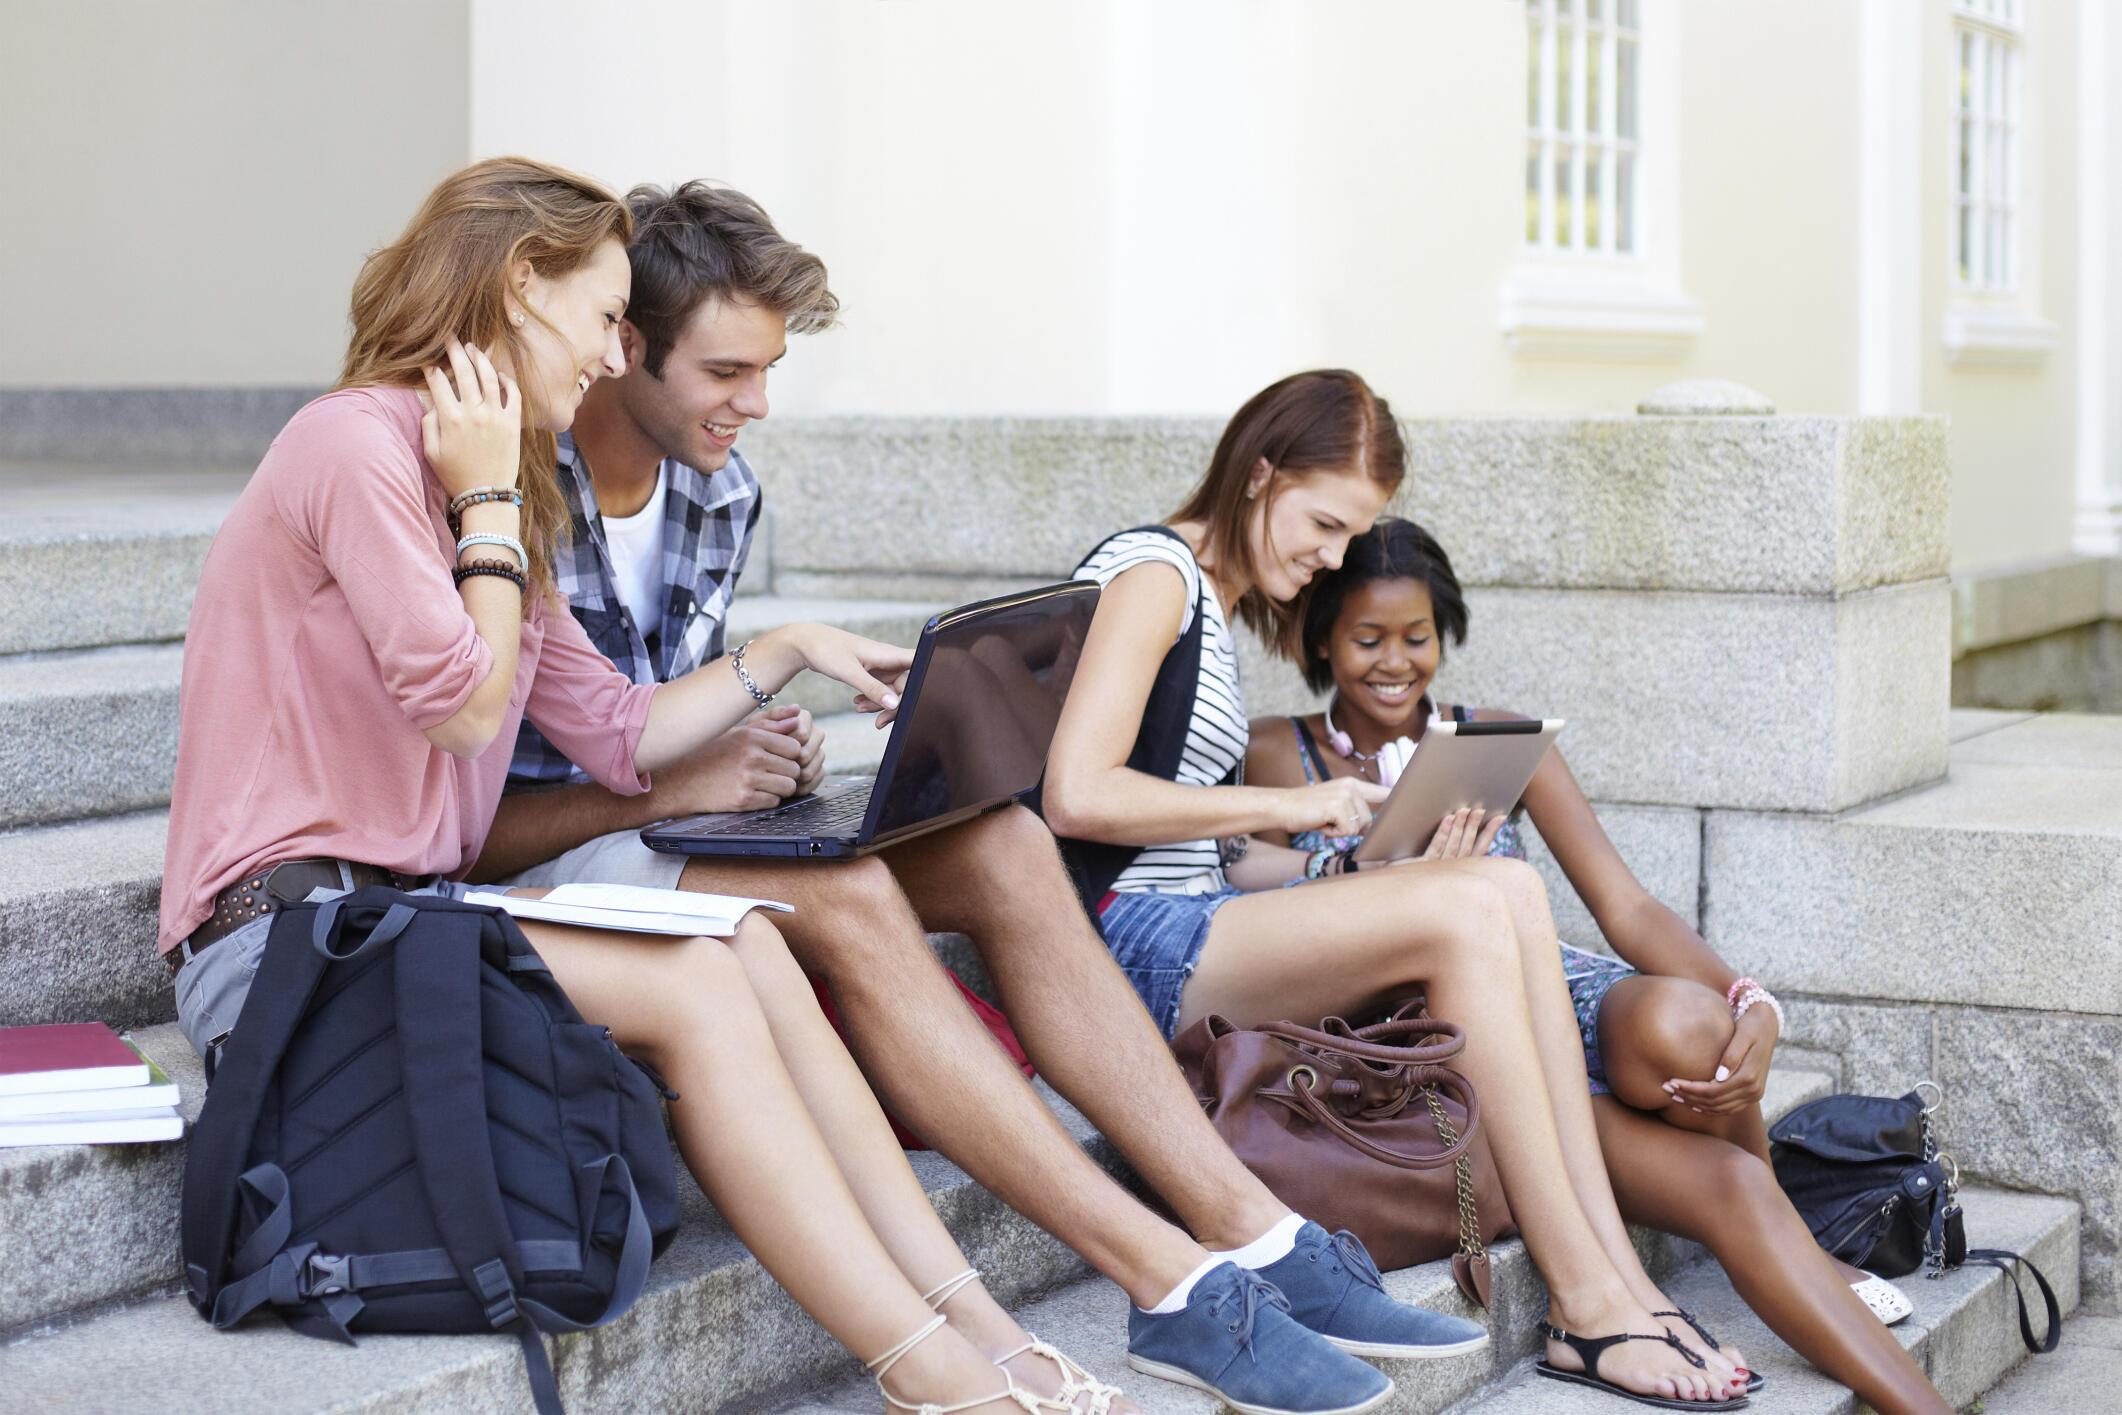 Médias d'information, où sont les jeunes ? La question est aujourd'hui cruciale.